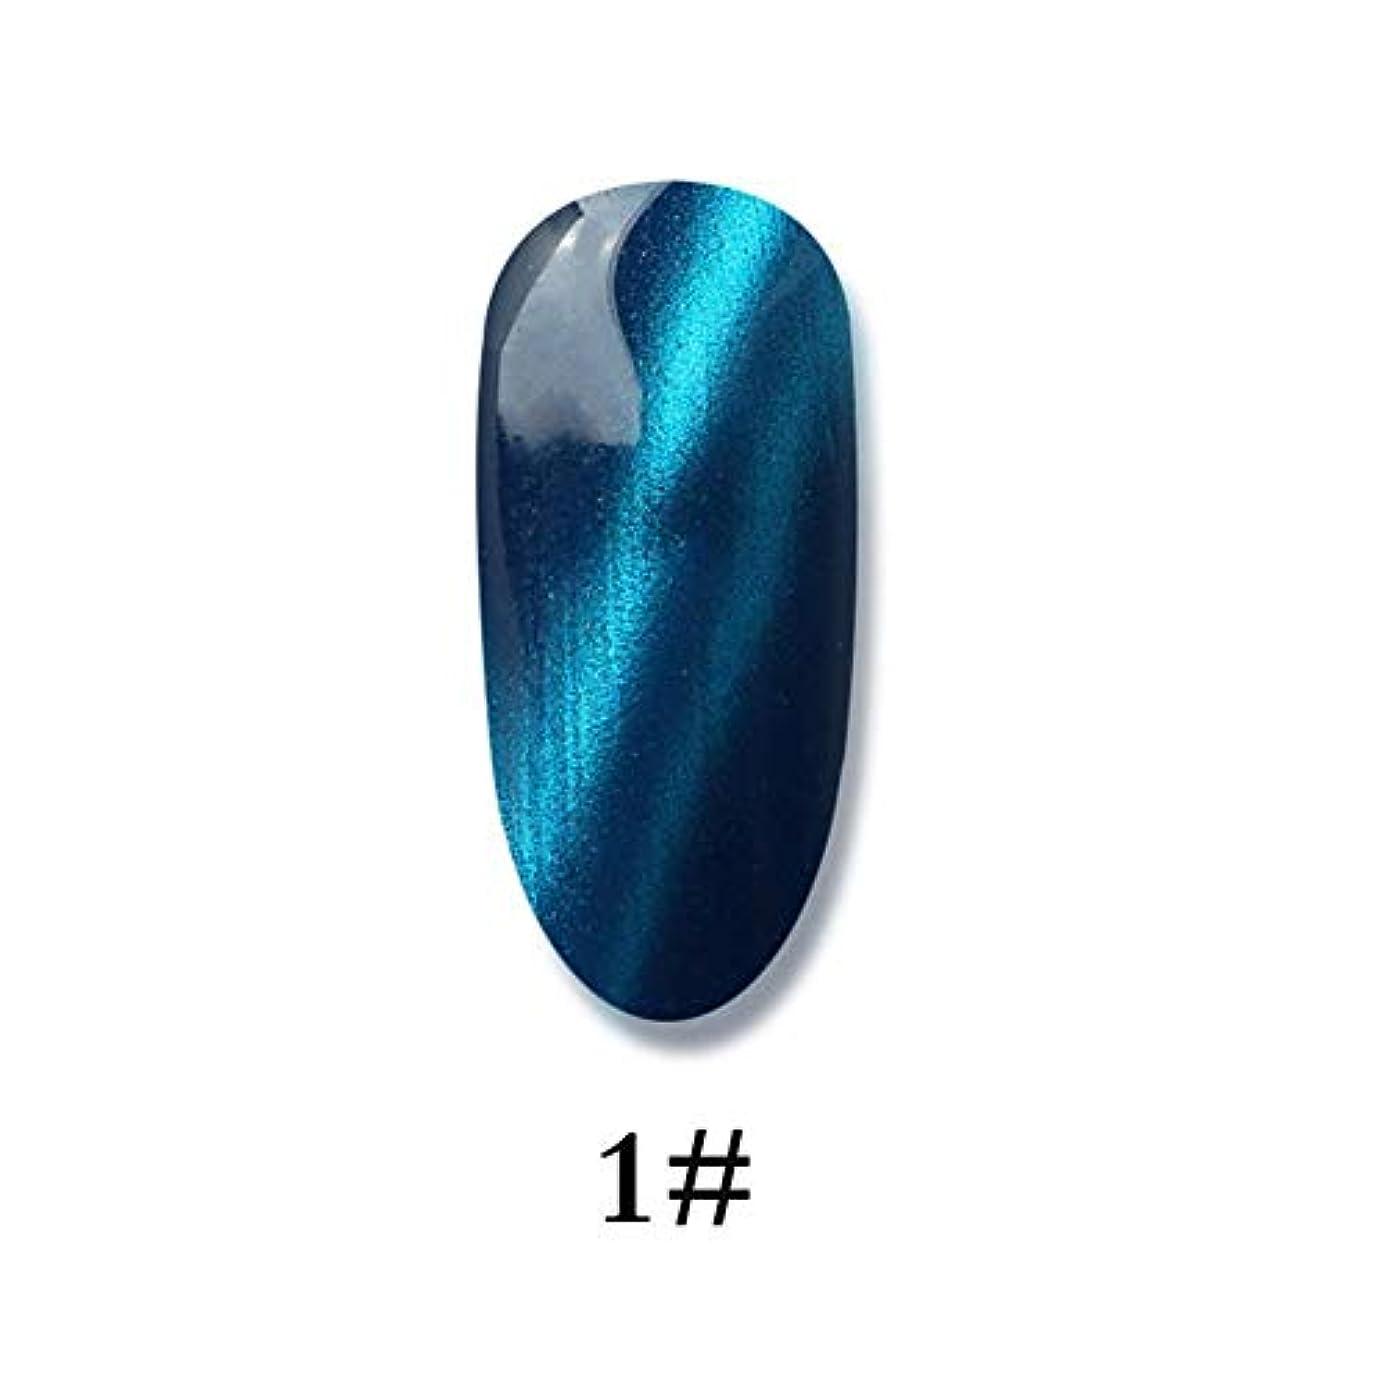 パイスロベニアハンドブックネイルポリッシュ - ネイル光線療法用ゲル 3Dキャットアイジェルメイクアップネイルポリッシュグルー